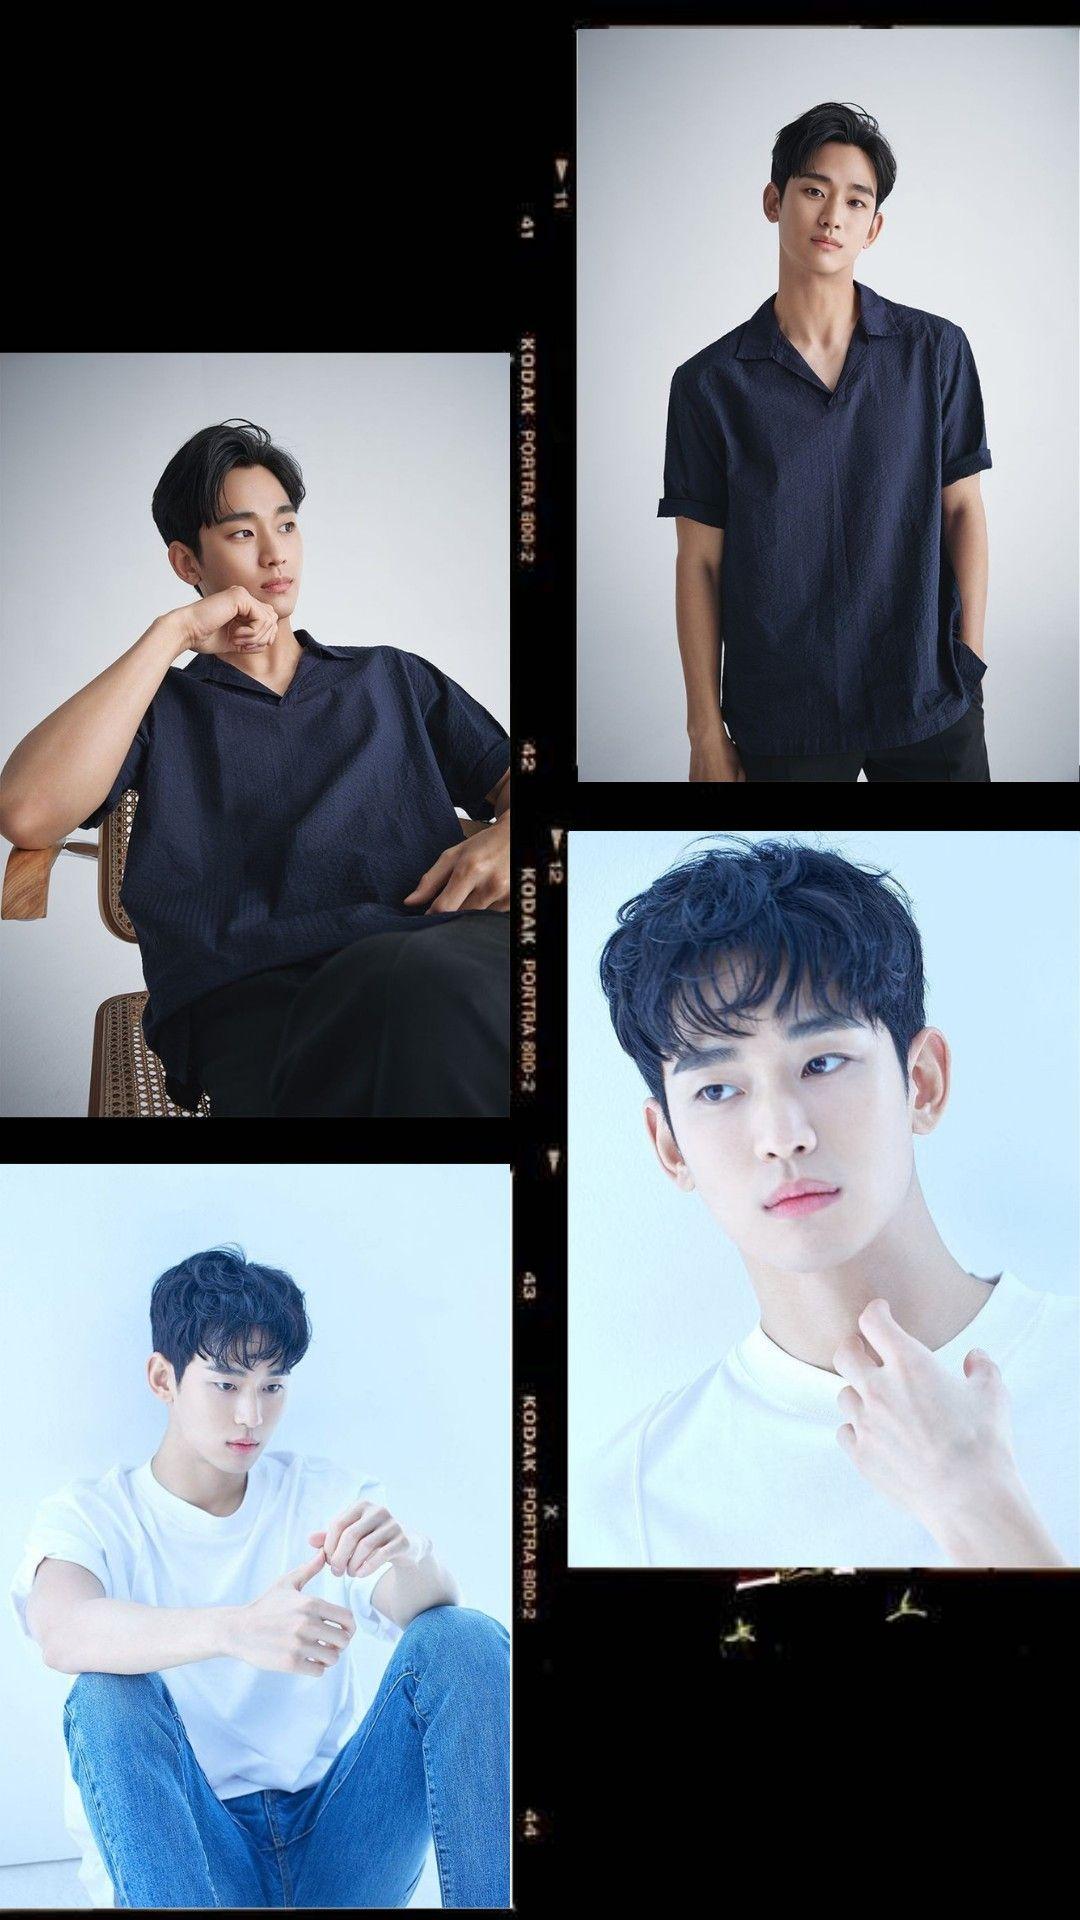 Jodoh Orang Aktor Korea Gambar Aktor